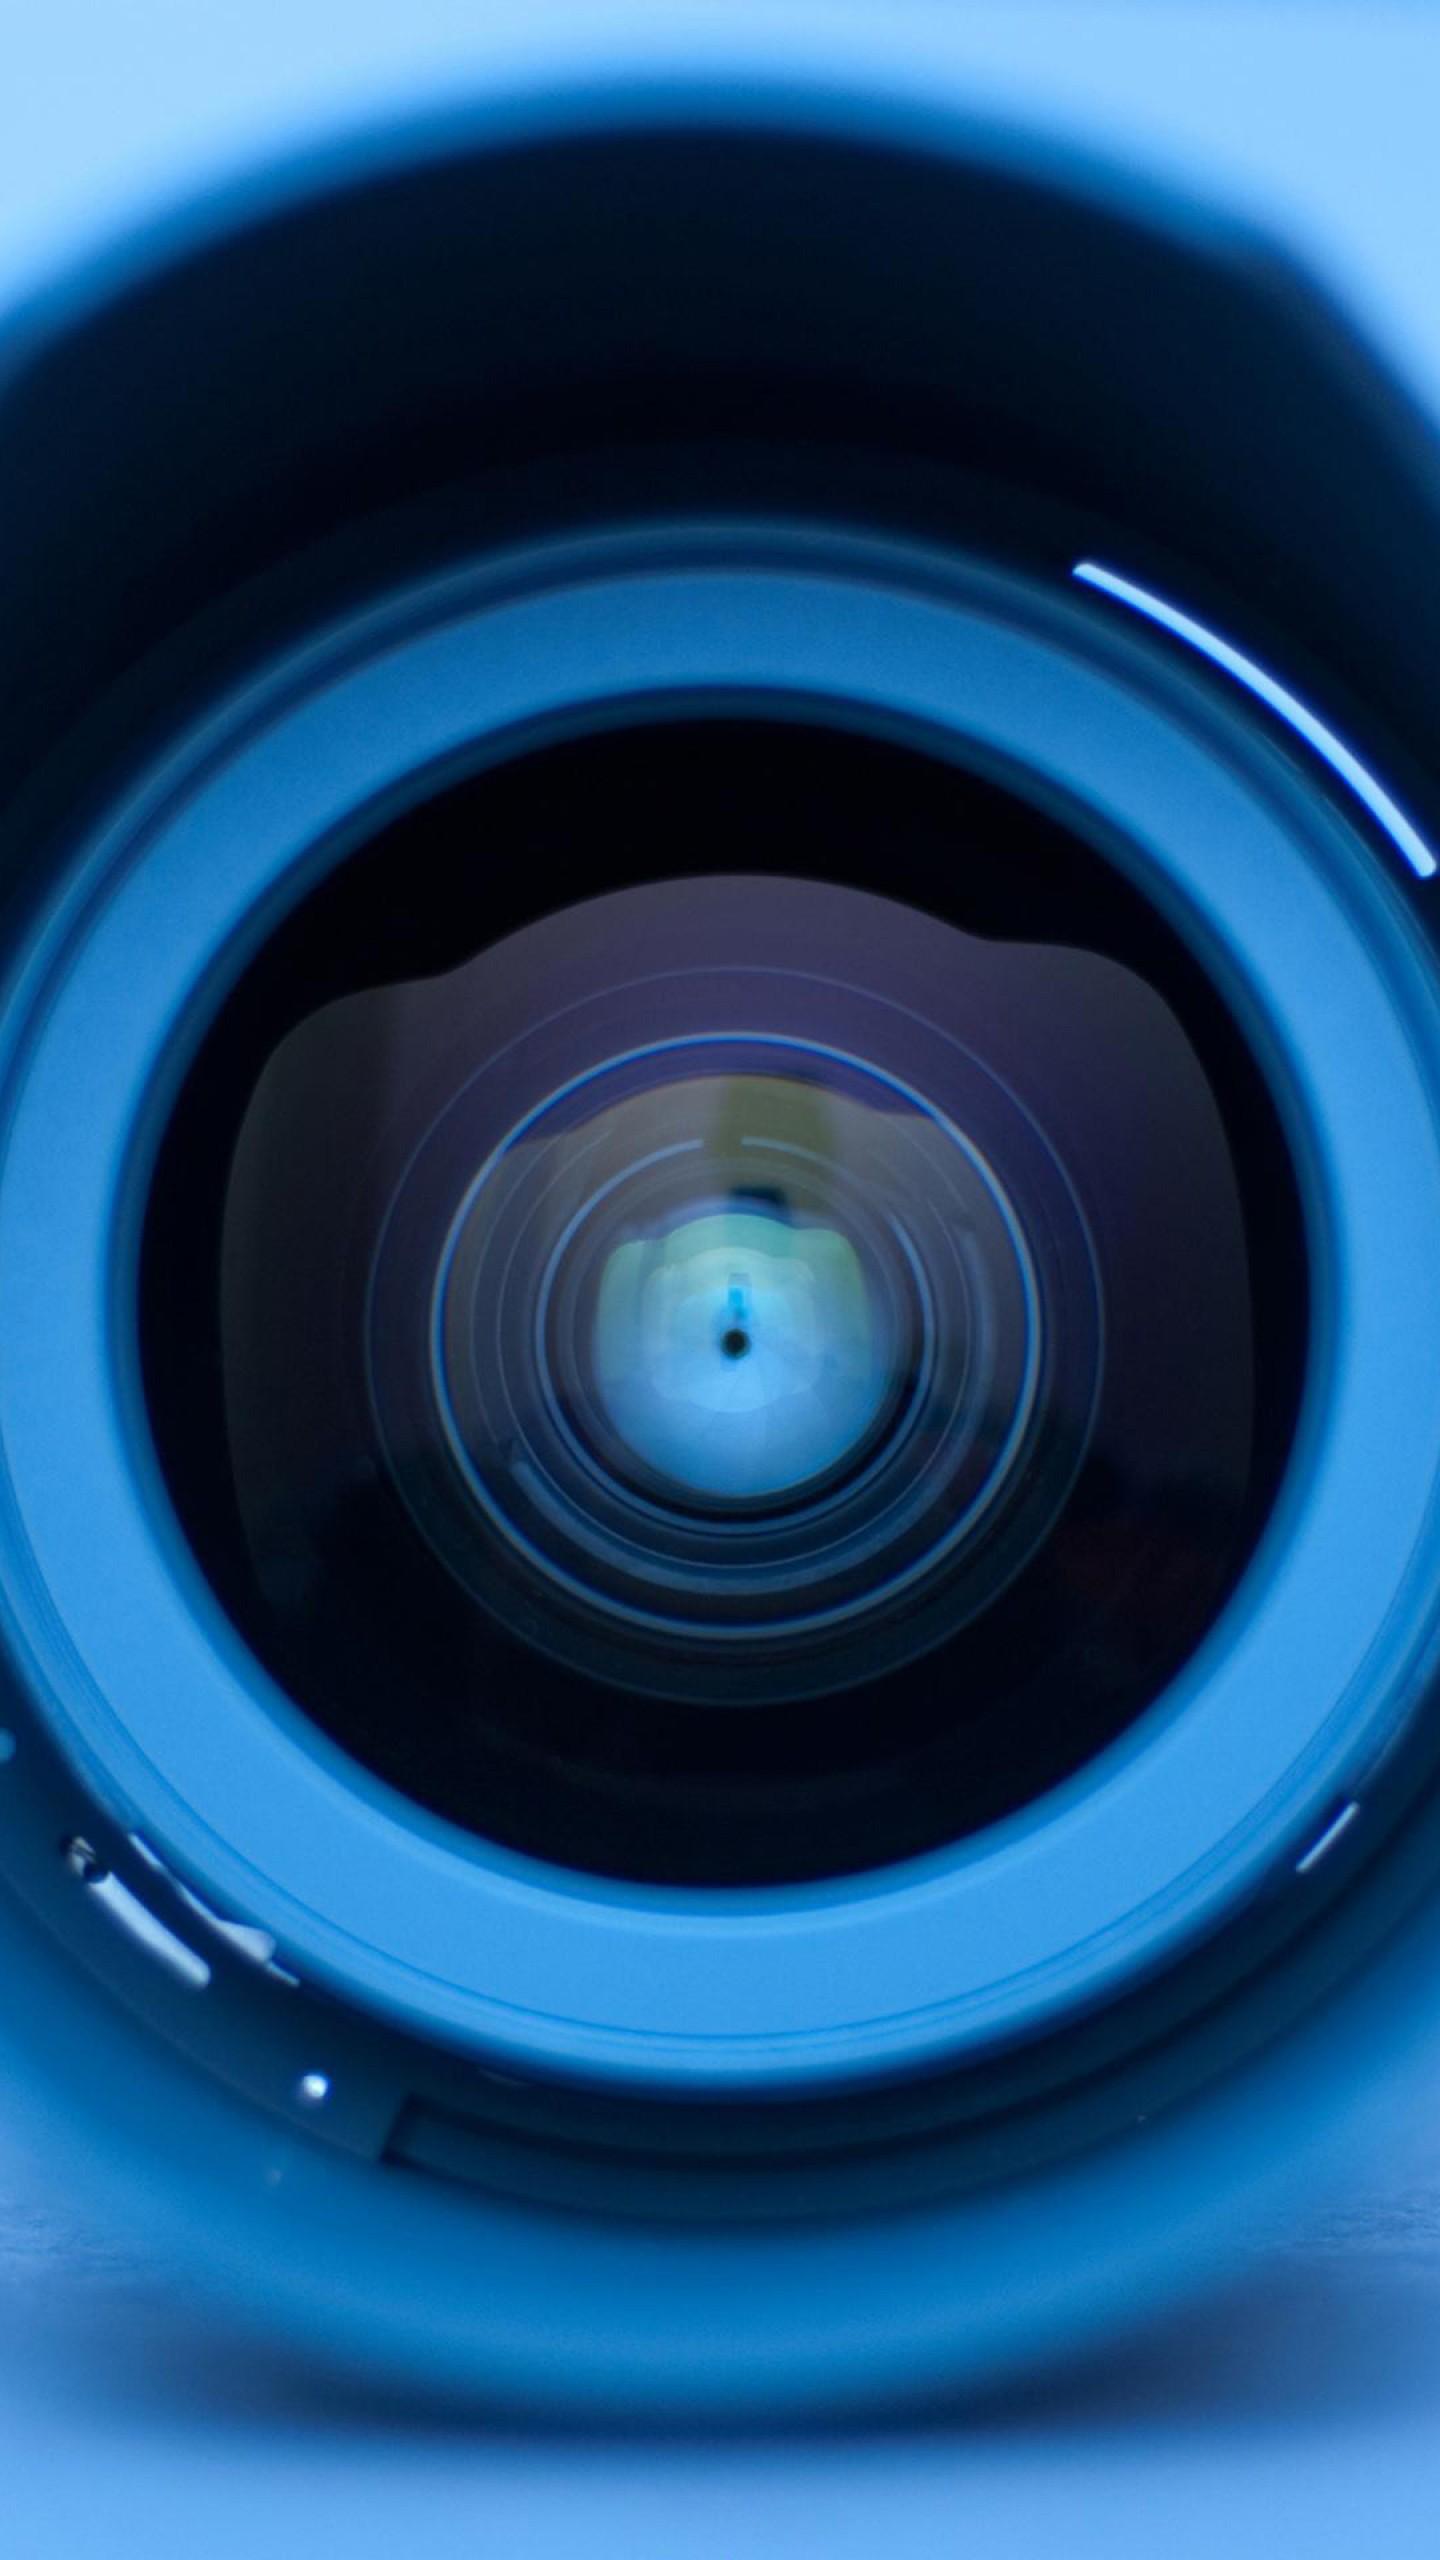 عکس زمینه فناوری زوم دوربین با لنز آبی پس زمینه